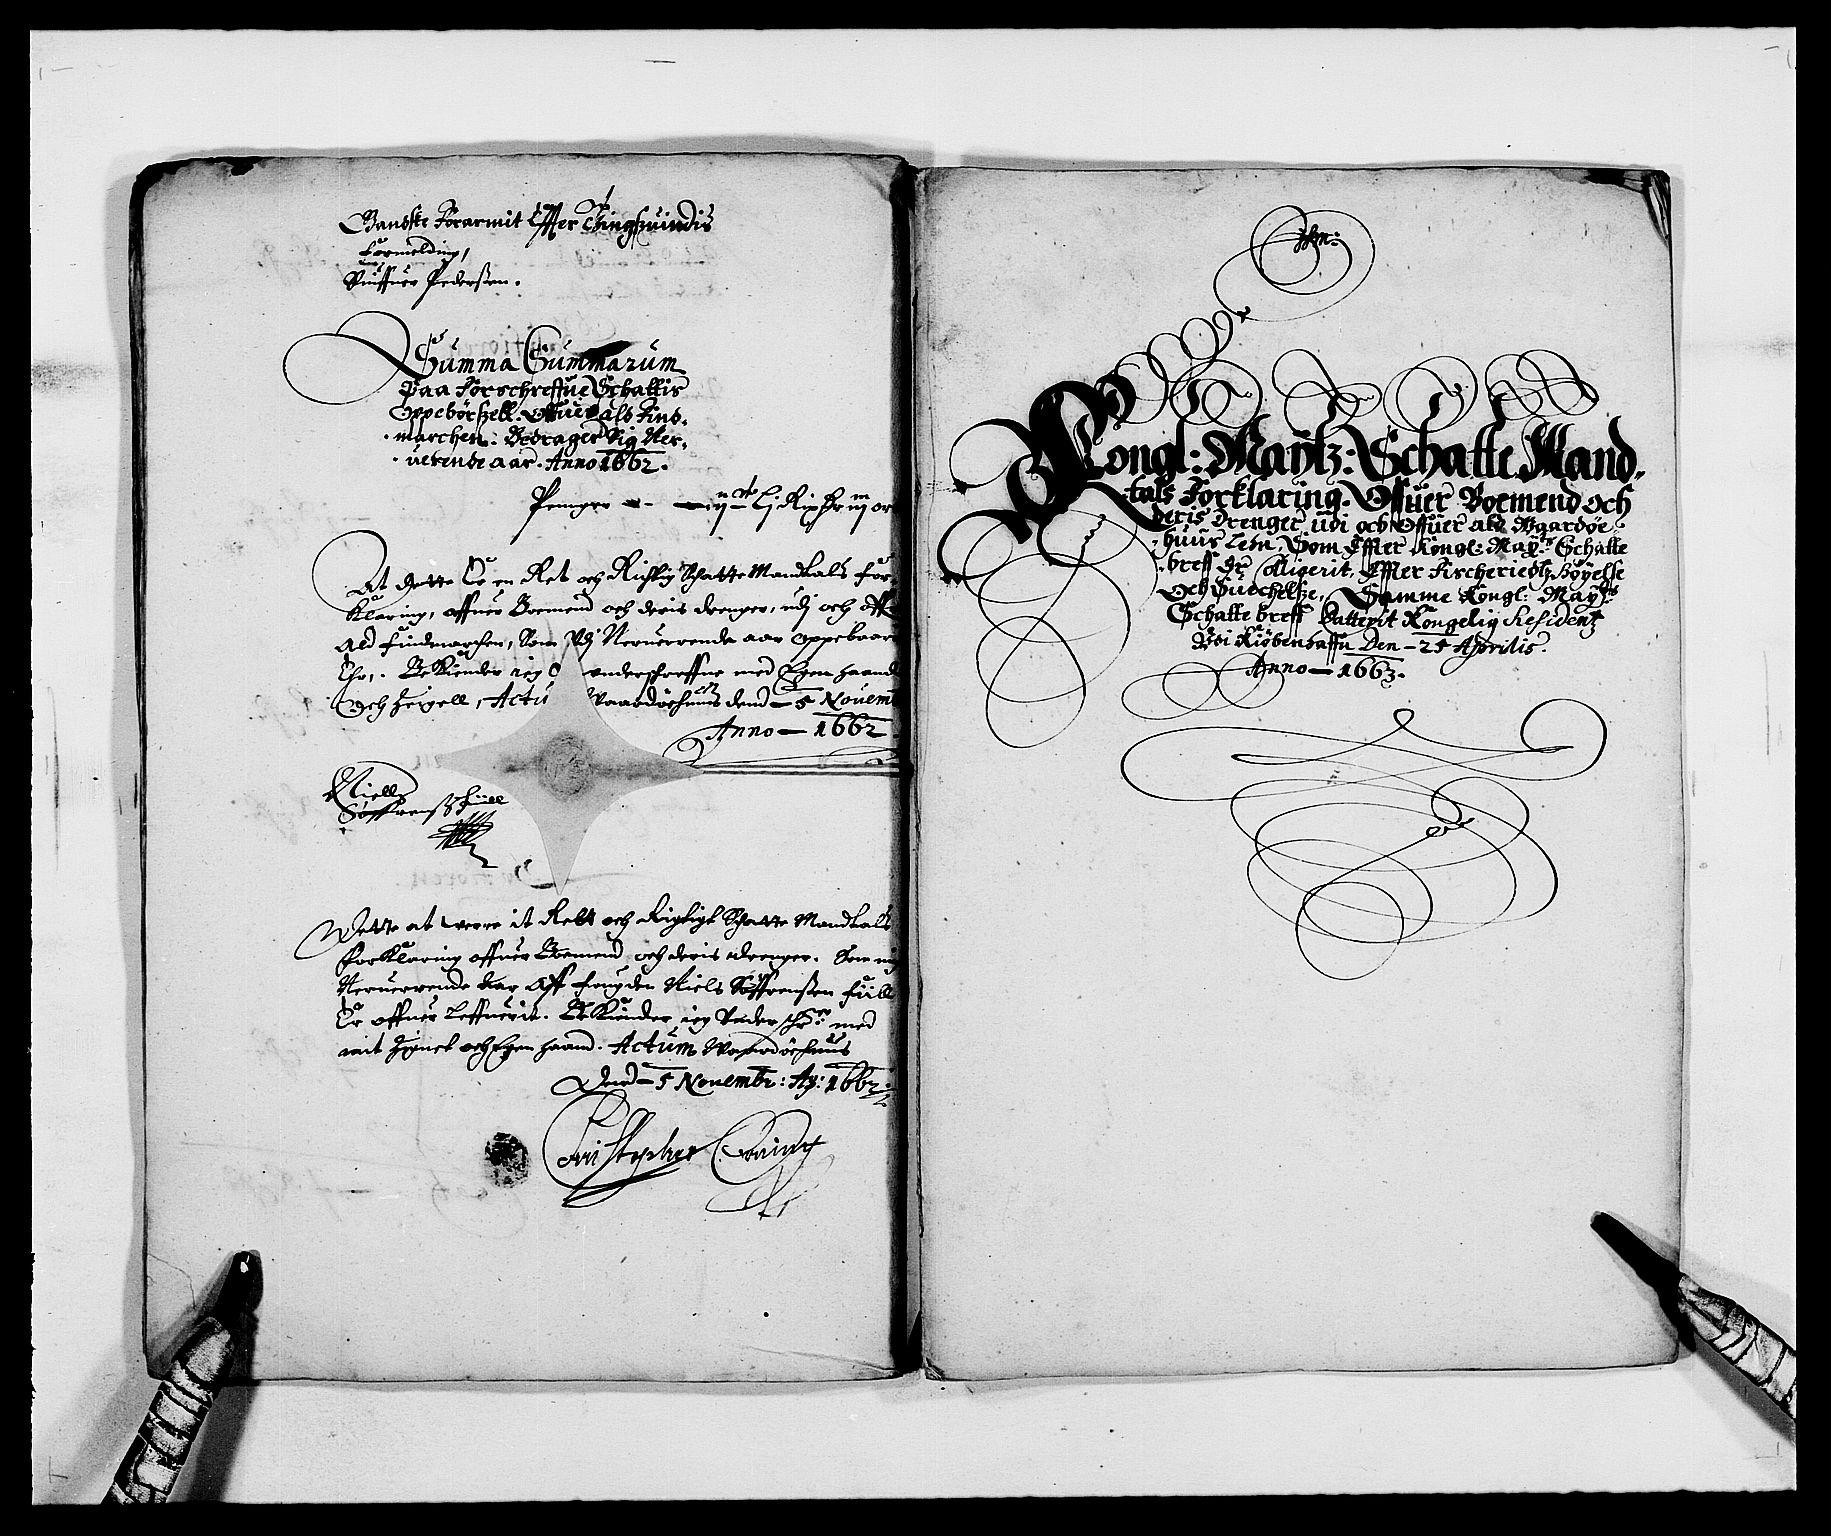 RA, Rentekammeret inntil 1814, Reviderte regnskaper, Fogderegnskap, R69/L4849: Fogderegnskap Finnmark/Vardøhus, 1661-1679, s. 36